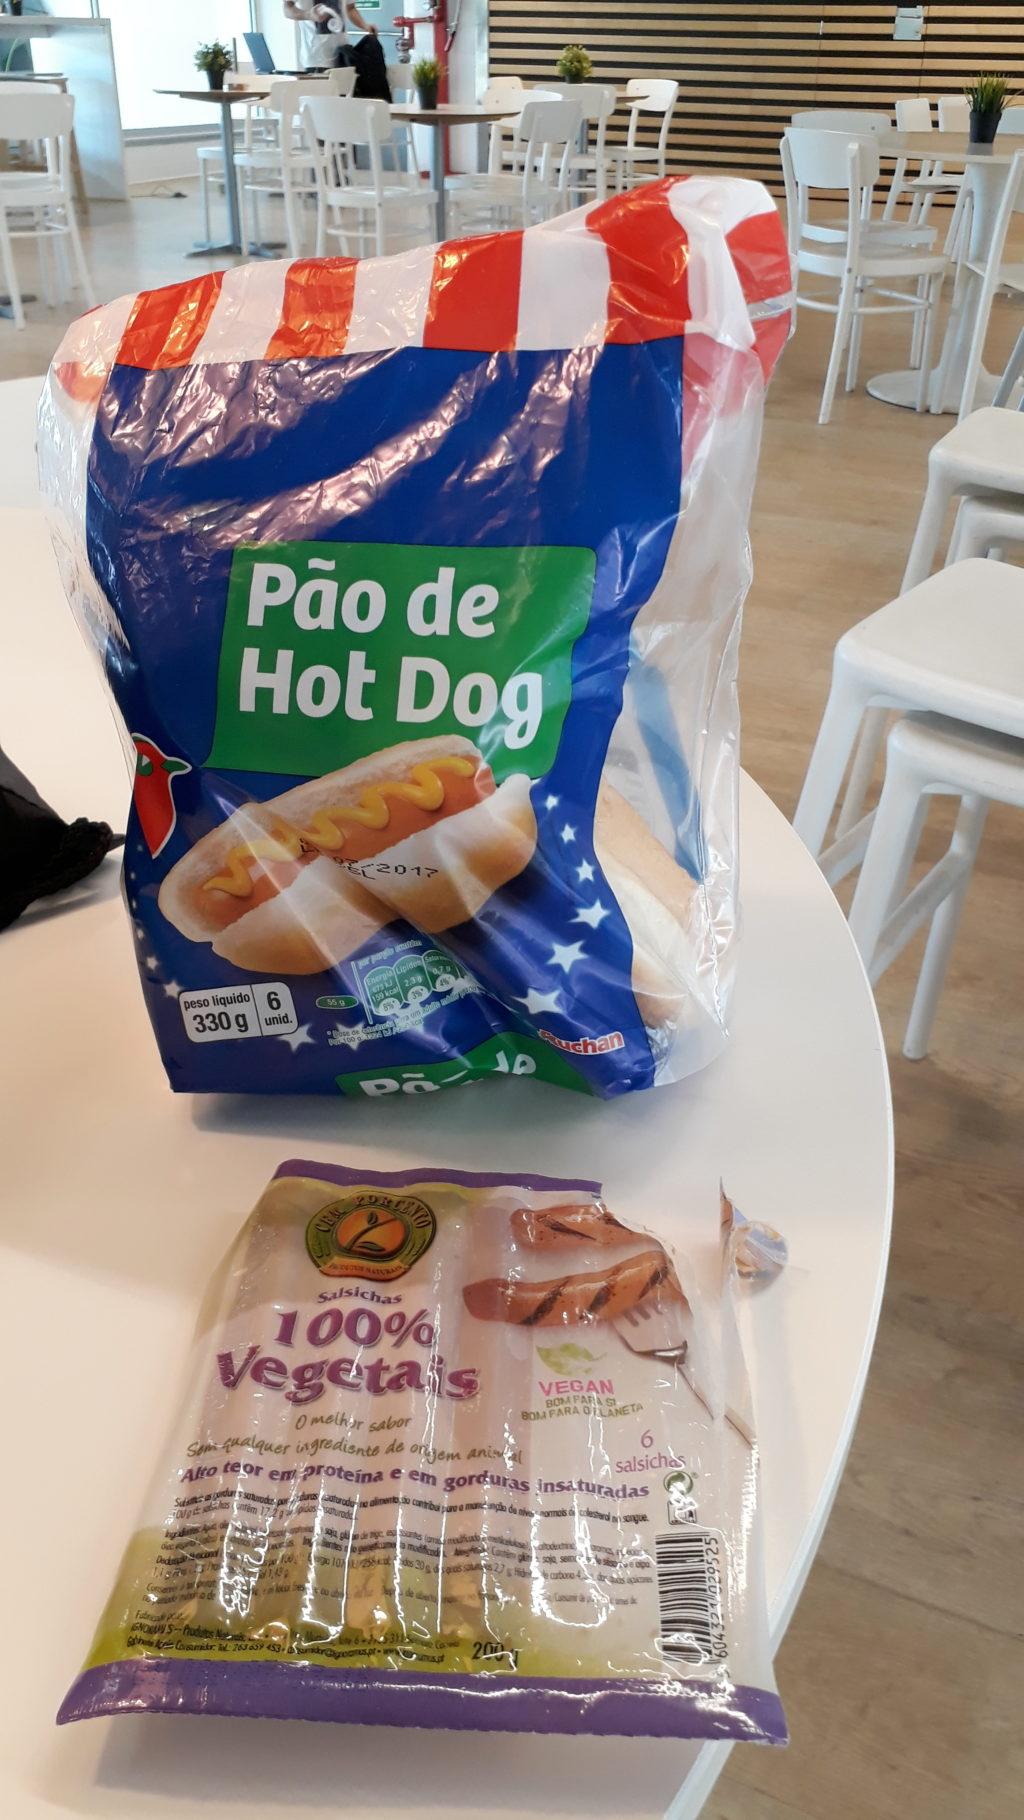 Panecillo de perrito caliente y salchichas veganas de Jumbo. Y no, eso no es Ikea en el fondo y nunca montaríamos y calentaríamos nuestros propios perritos veganos allí en el microondas...¿quién haría tal cosa?! ;)